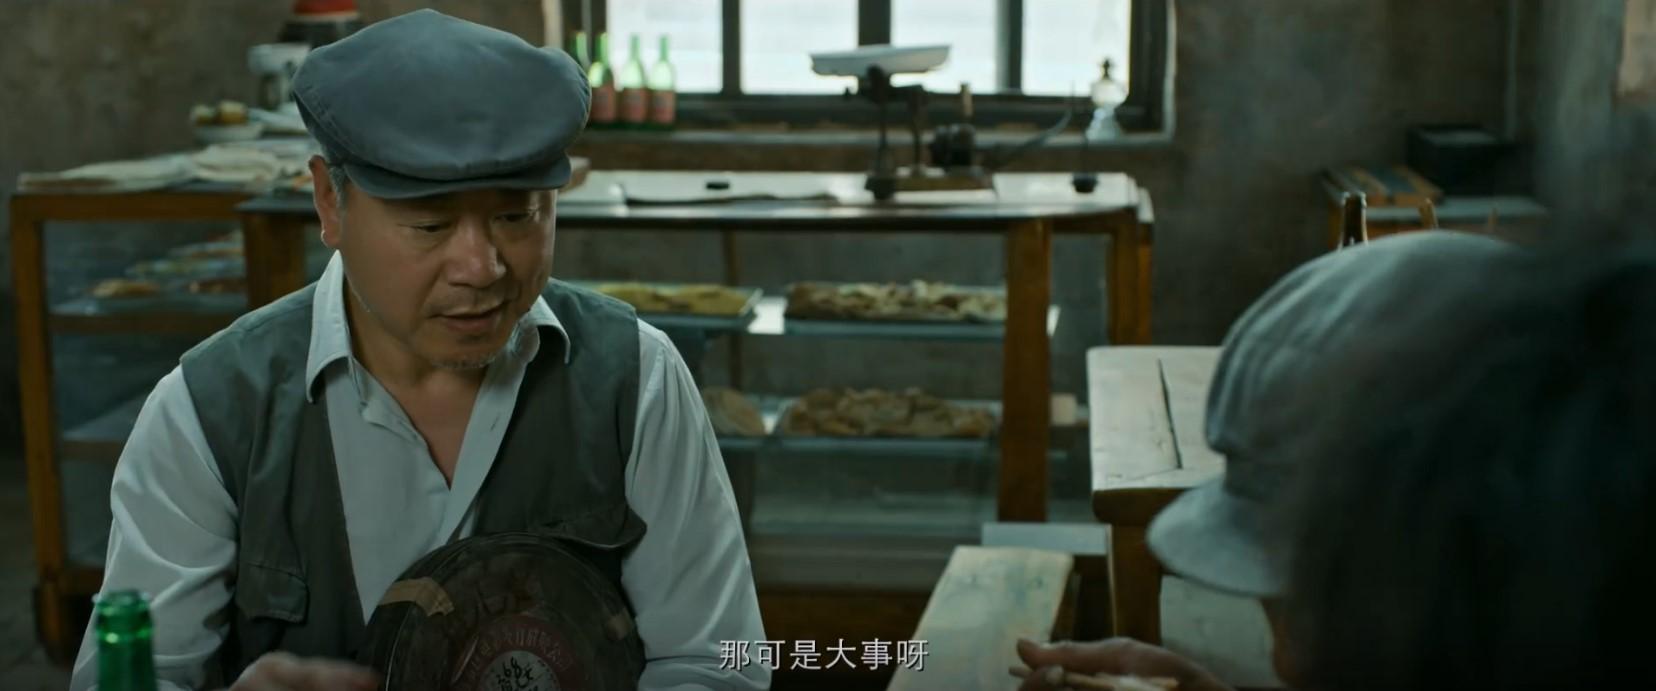 张艺谋新片「一秒钟」定档11月27日 预报颁布